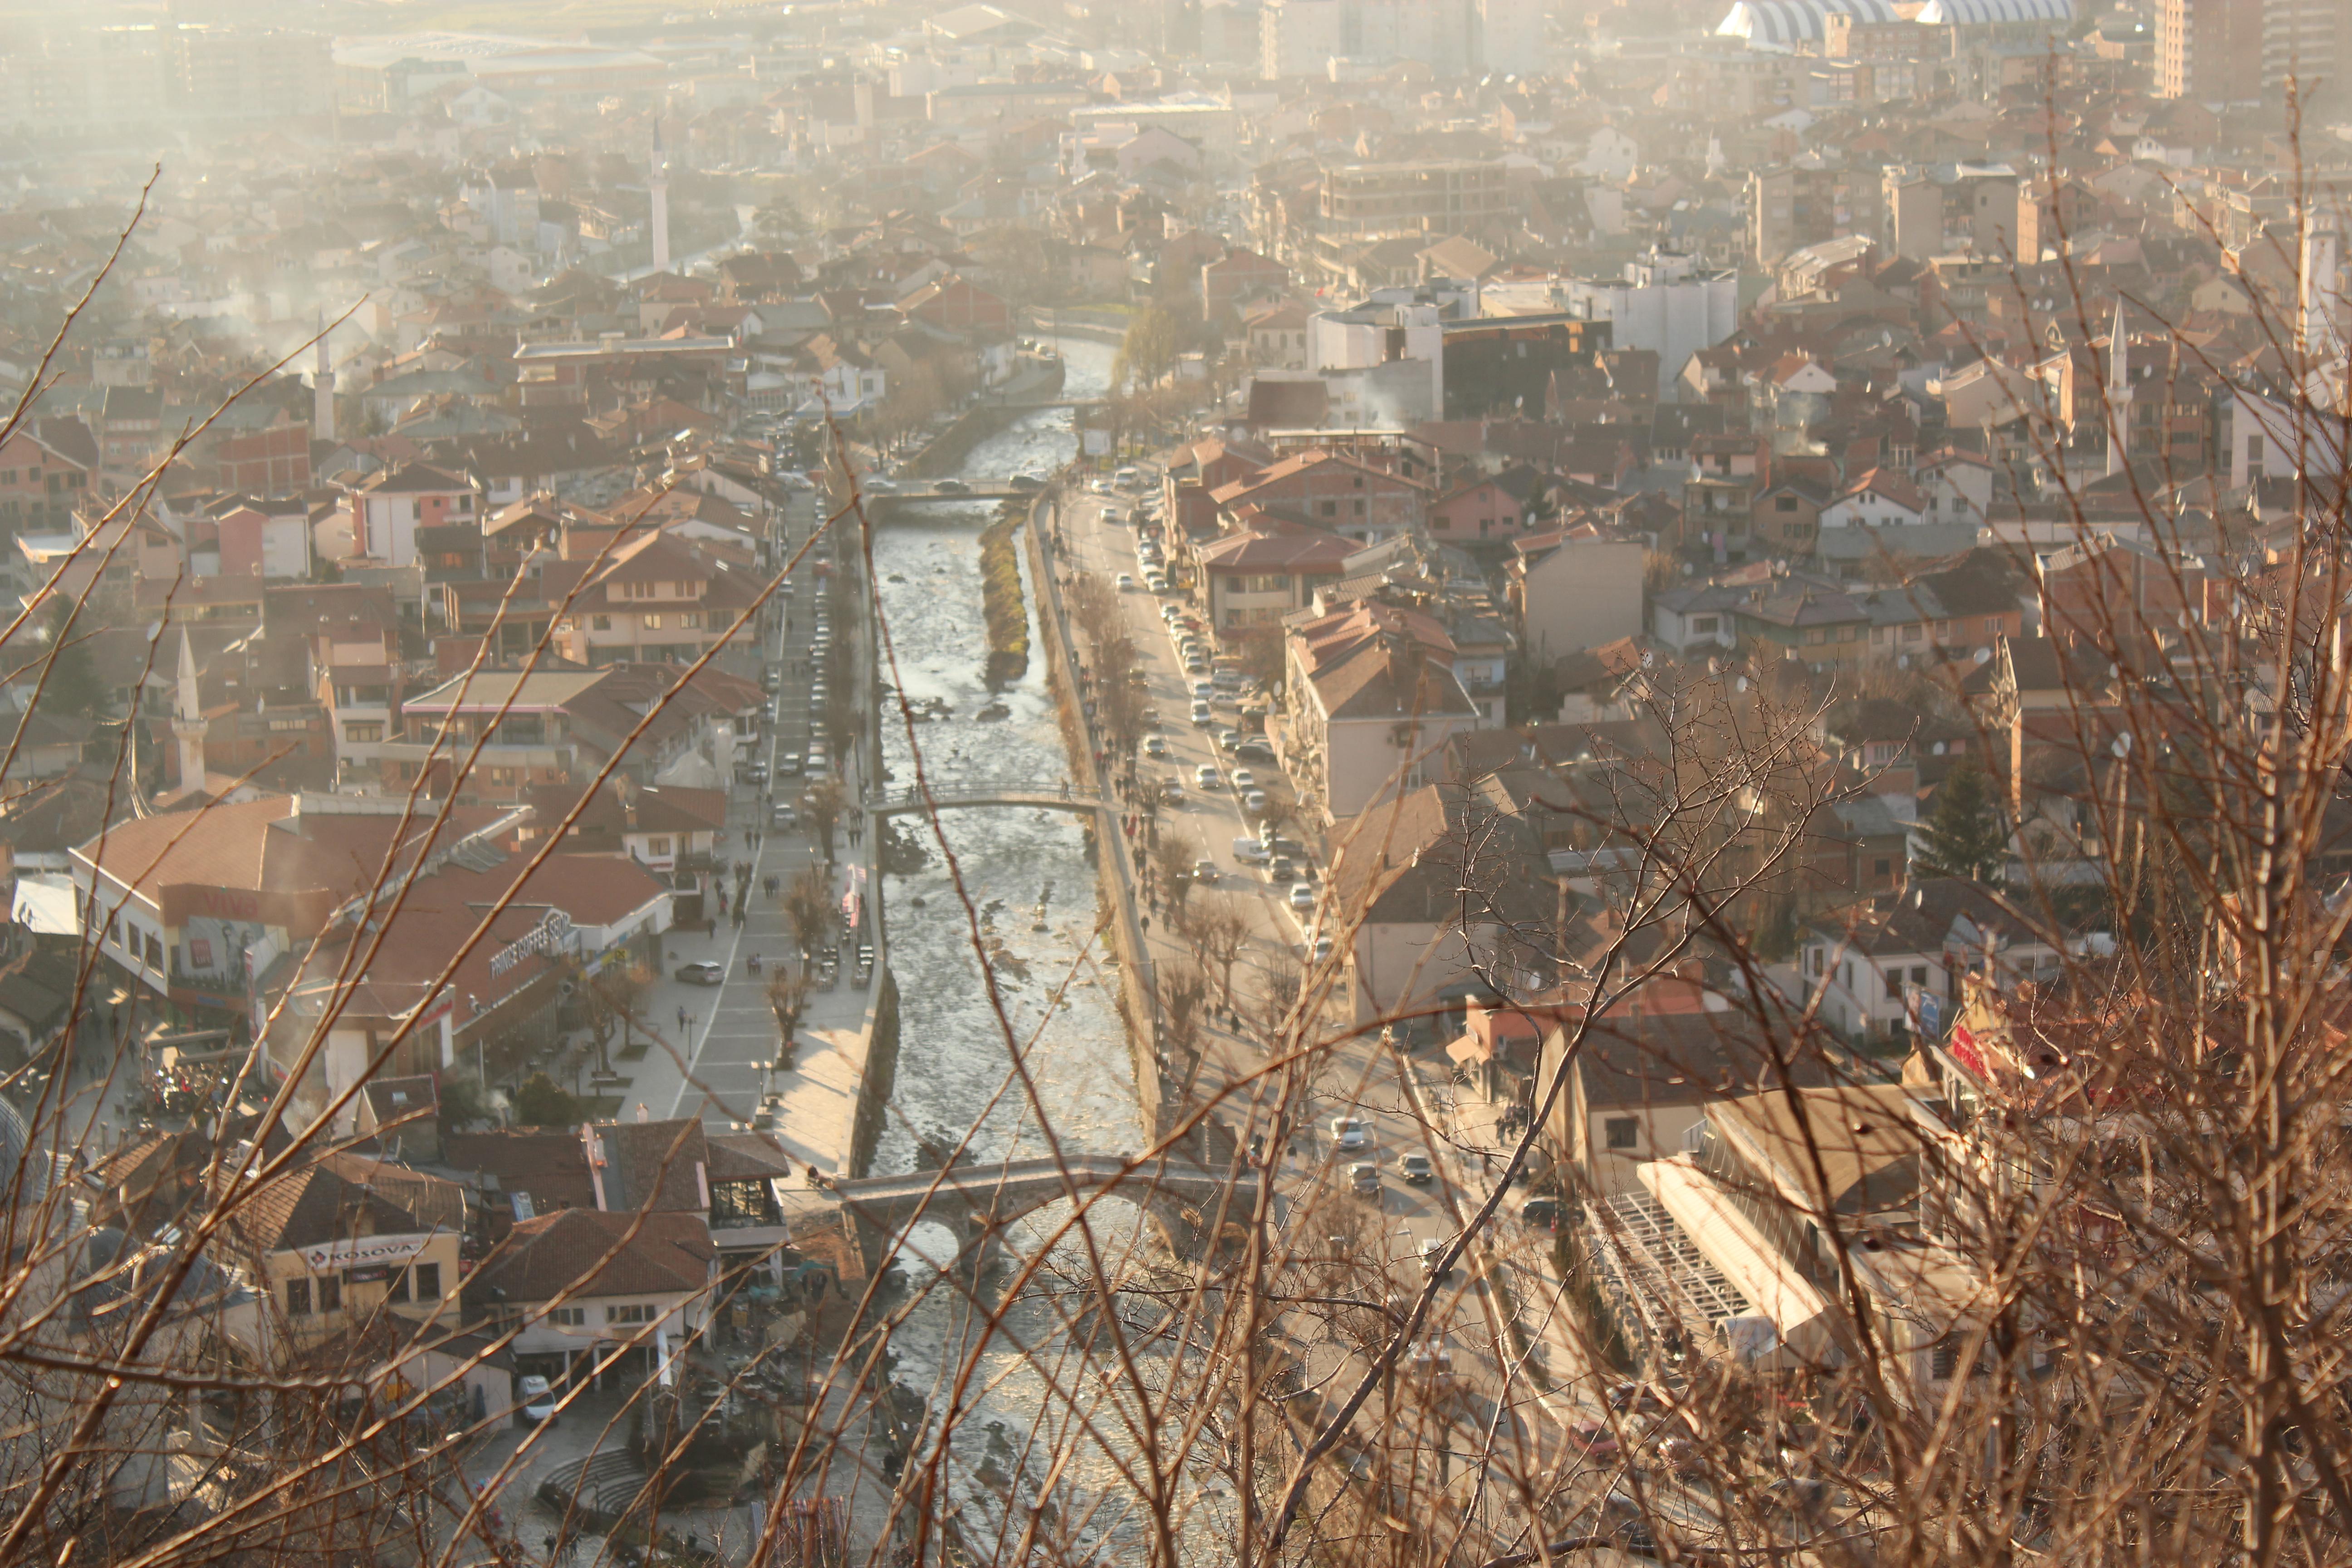 River View; Prizren, Kosovo; 2013